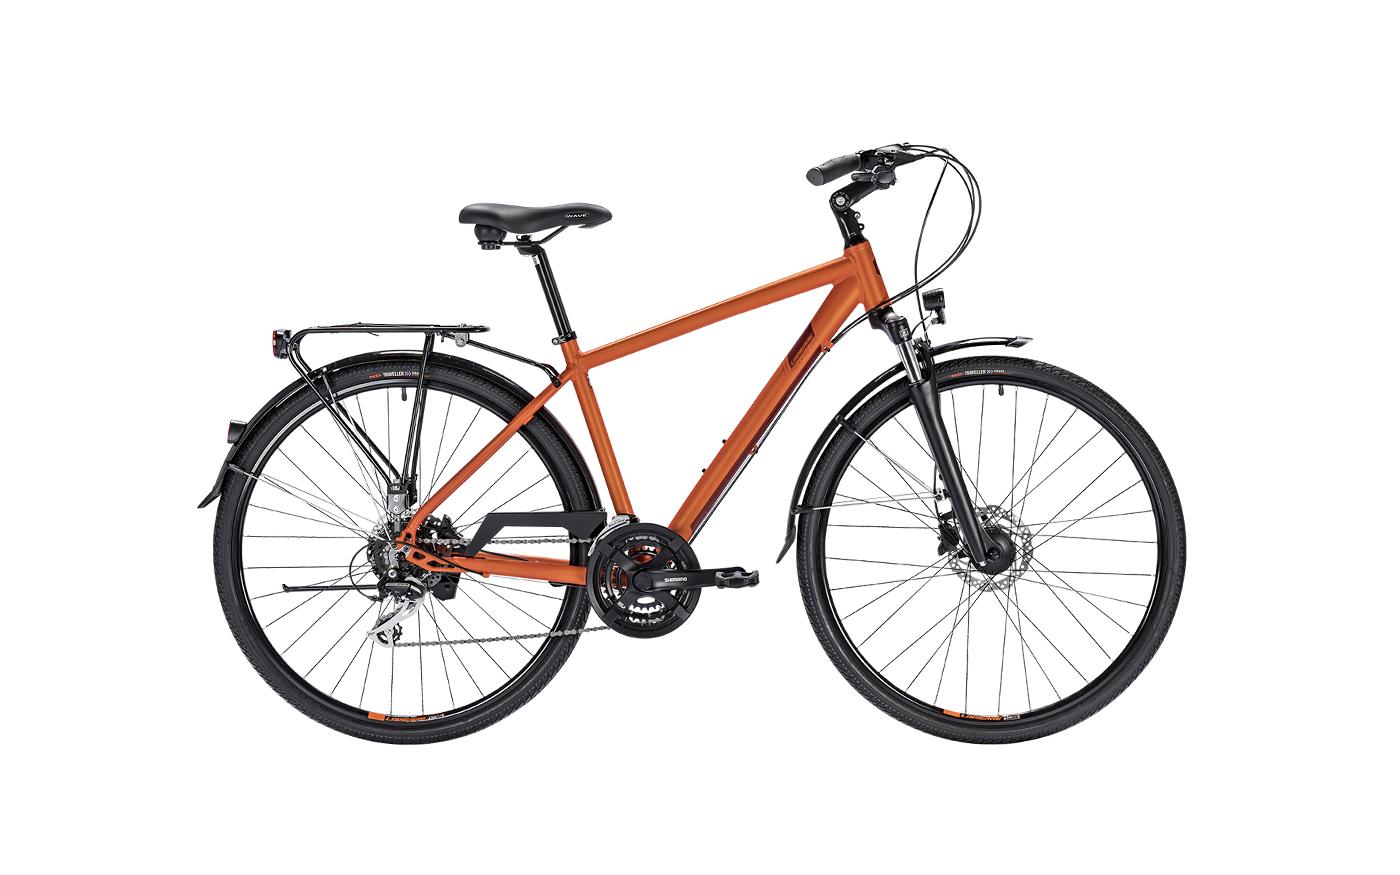 Bicykel LAPIERRE TREKKING 200 2018